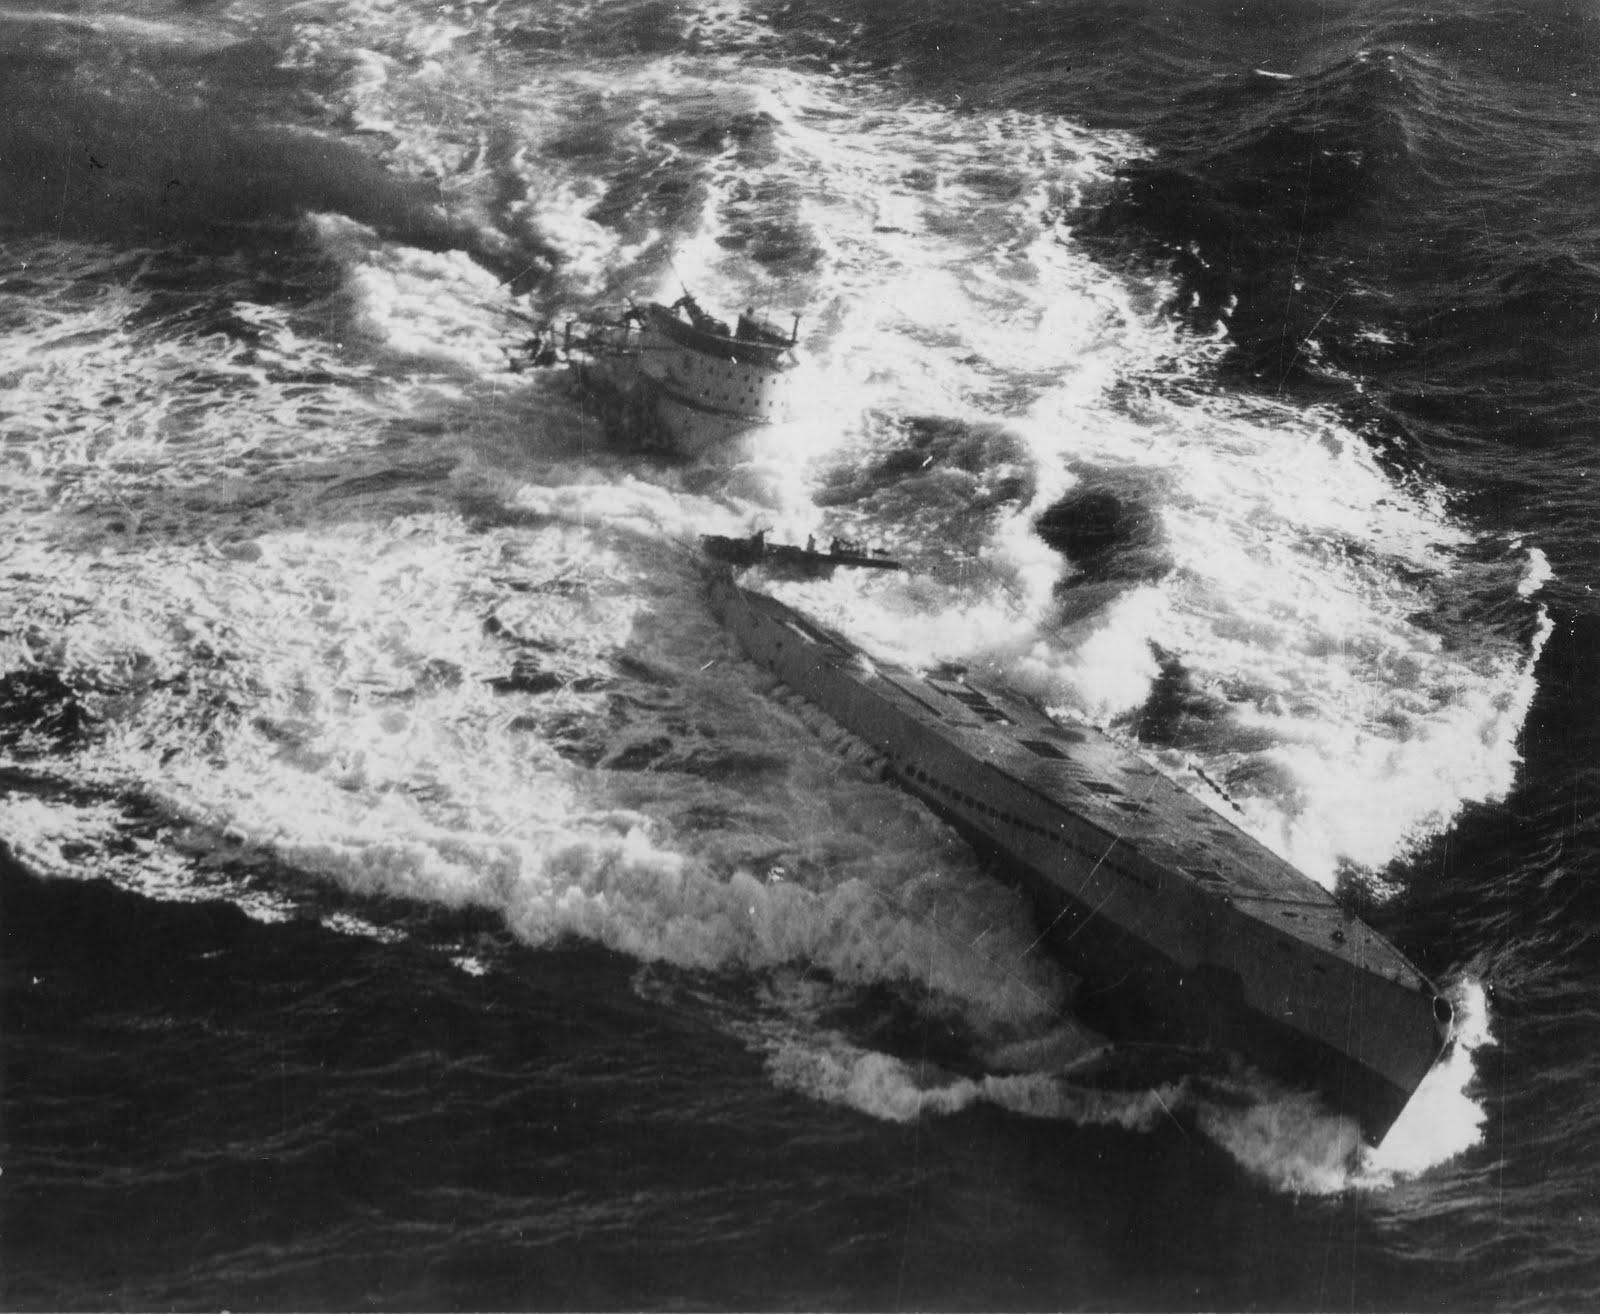 photos de sous-marin et de leur équipage U-185+in+the+sea